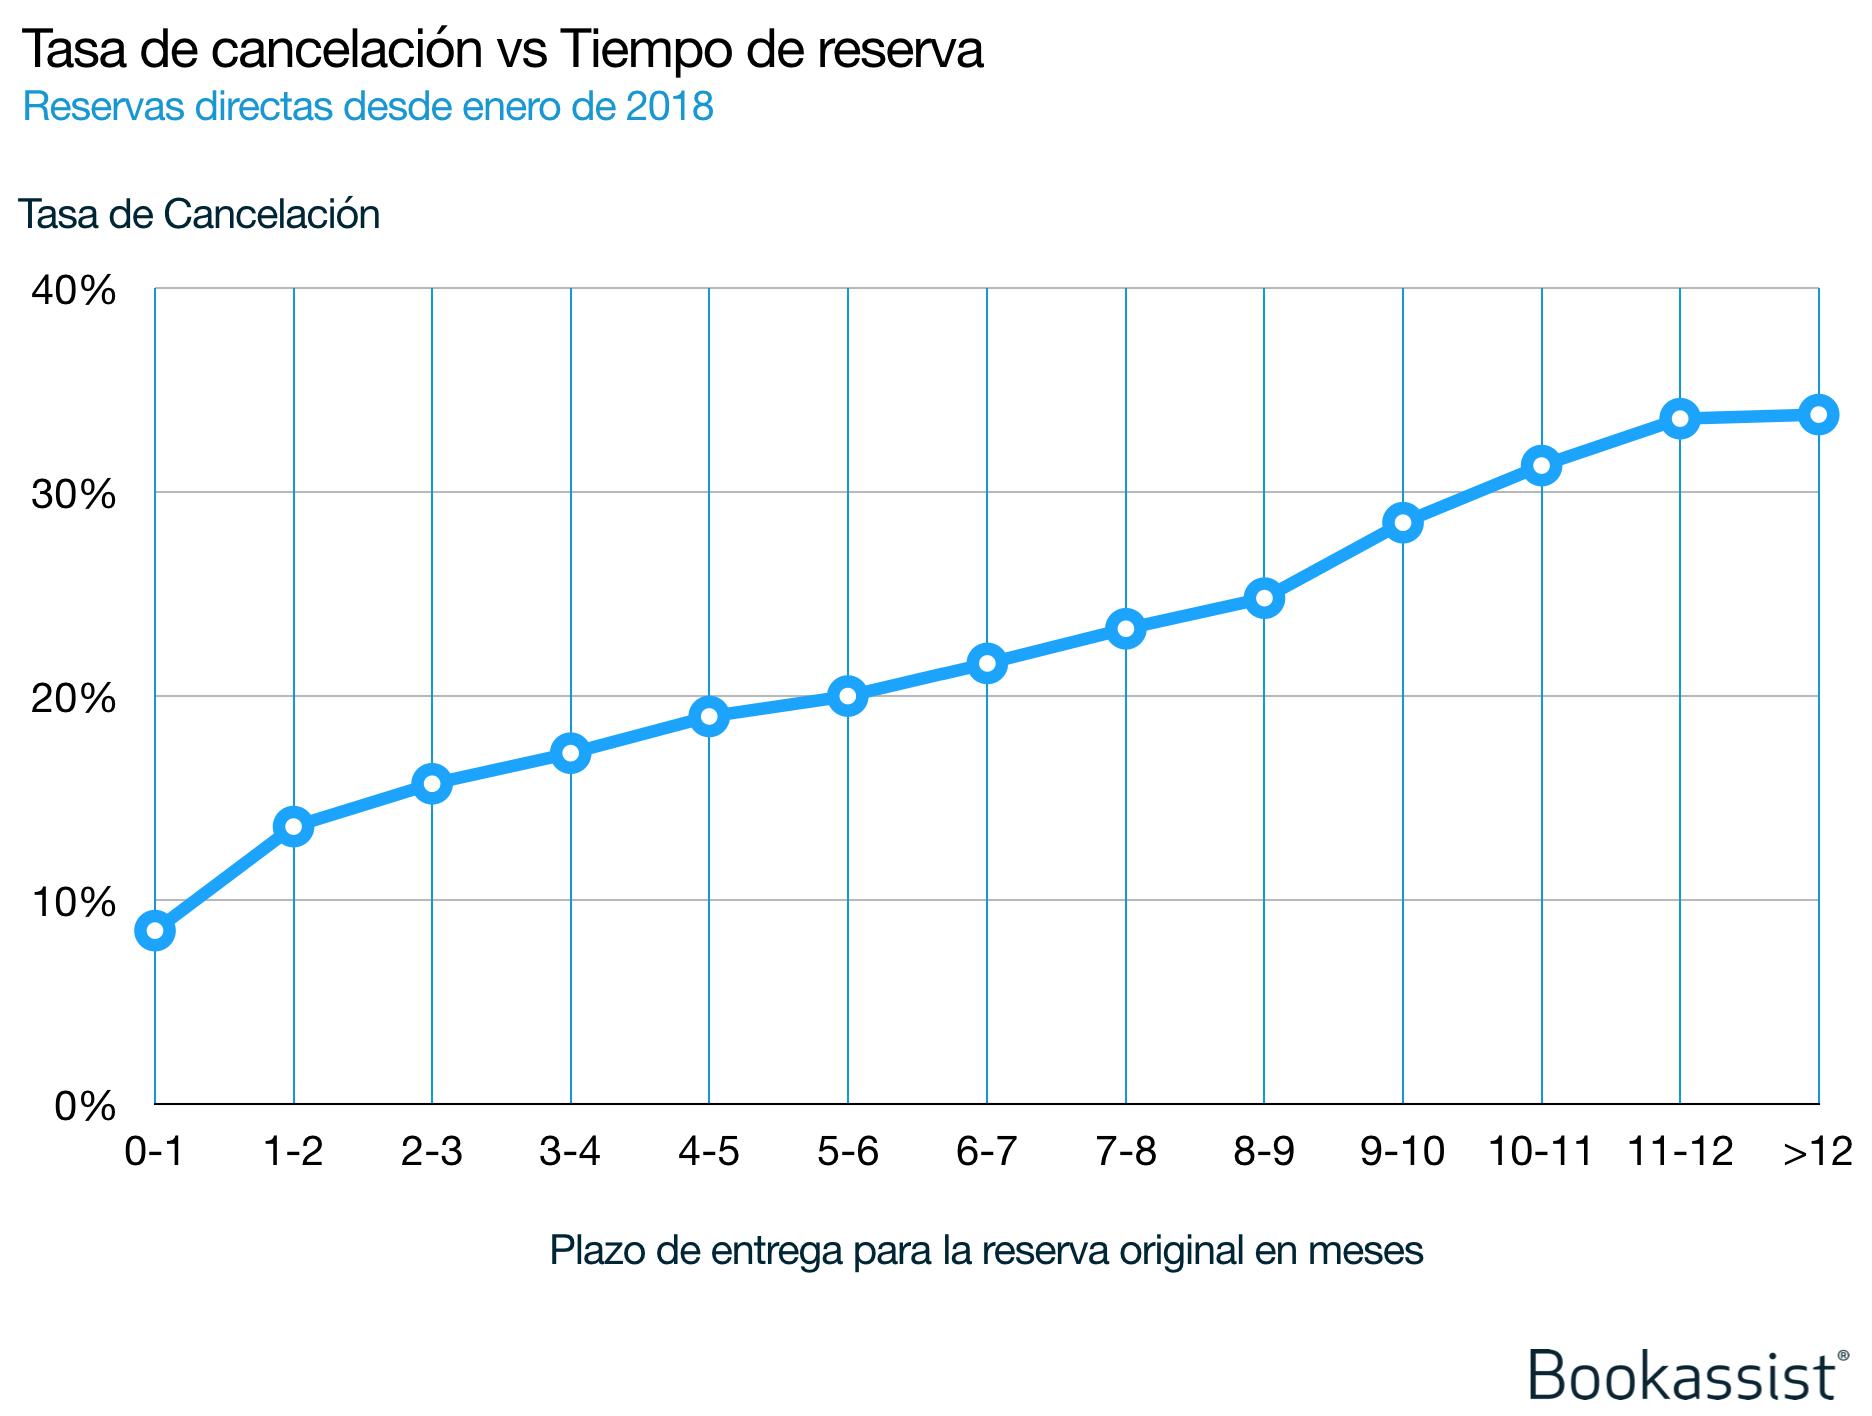 Imagen 2: datos de Bookassist sobre las tasas de cancelación de reservas directas en comparación con el plazo de tiempo entre la reserva y la llegada en cientos de miles de reservas realizadas en varios mercados desde enero de 2018. Cuanto mayor es la antelación con la que se realiza una reserva, más alta es la probabilidad de que se cancele.